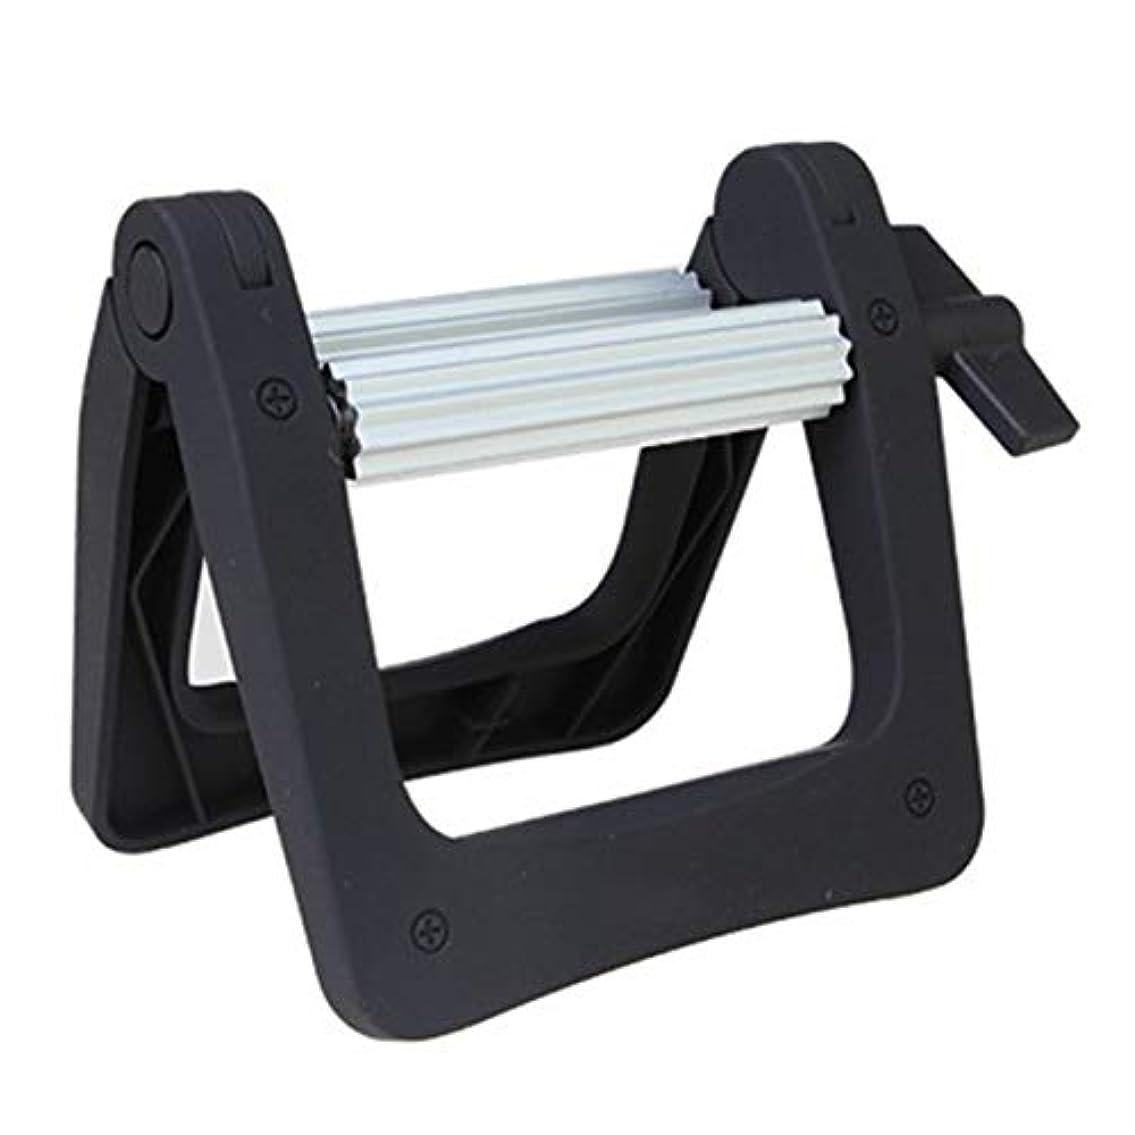 脊椎笑変換Saikogoods 歯磨き粉ローラーディスペンサー スクイーザー バスルーム製品 ヘアカラー染料チューブ絞り機 メタルローリングチューブ ホワイト&シルバー